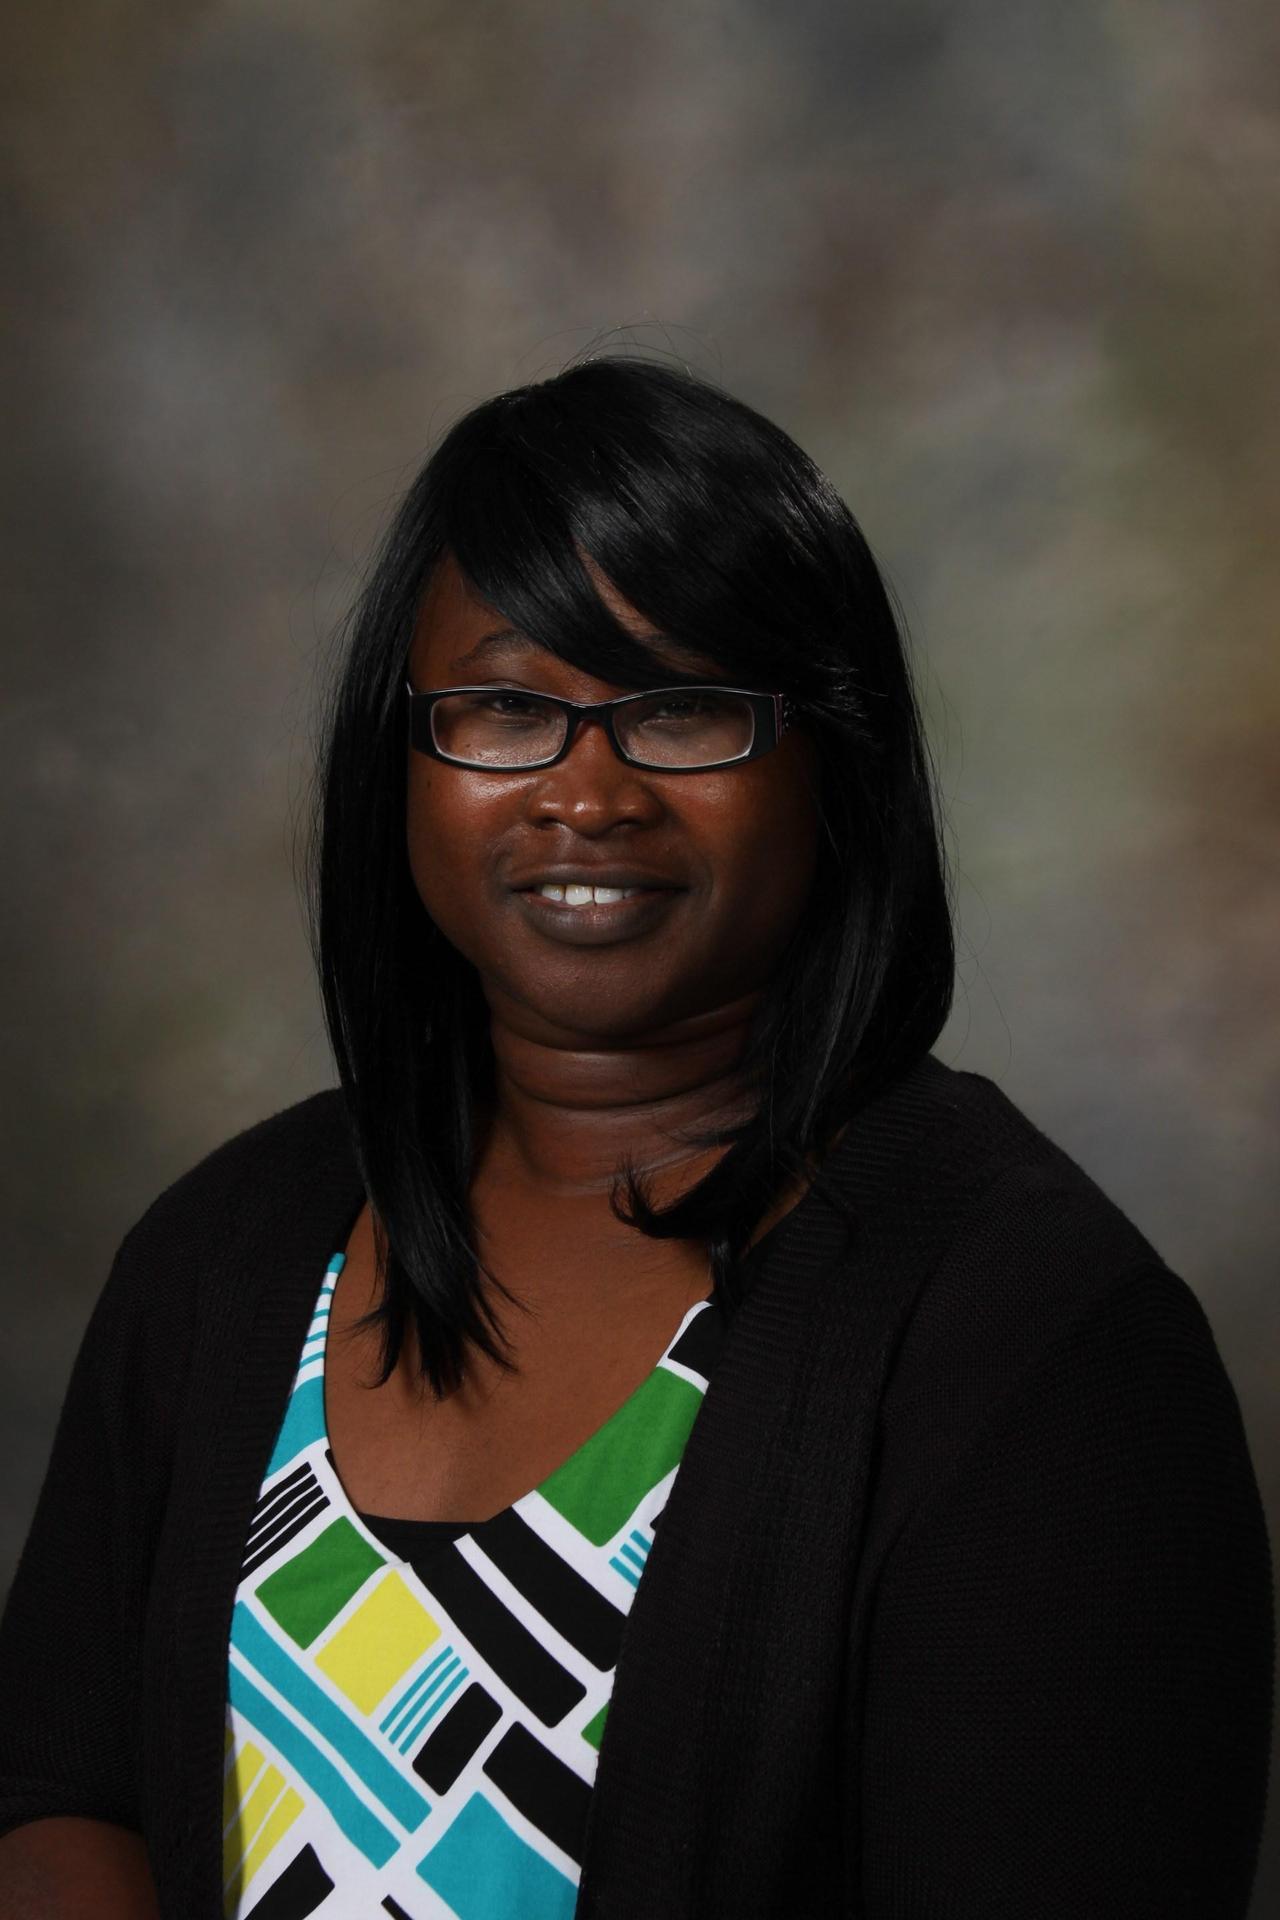 Ms. Marable